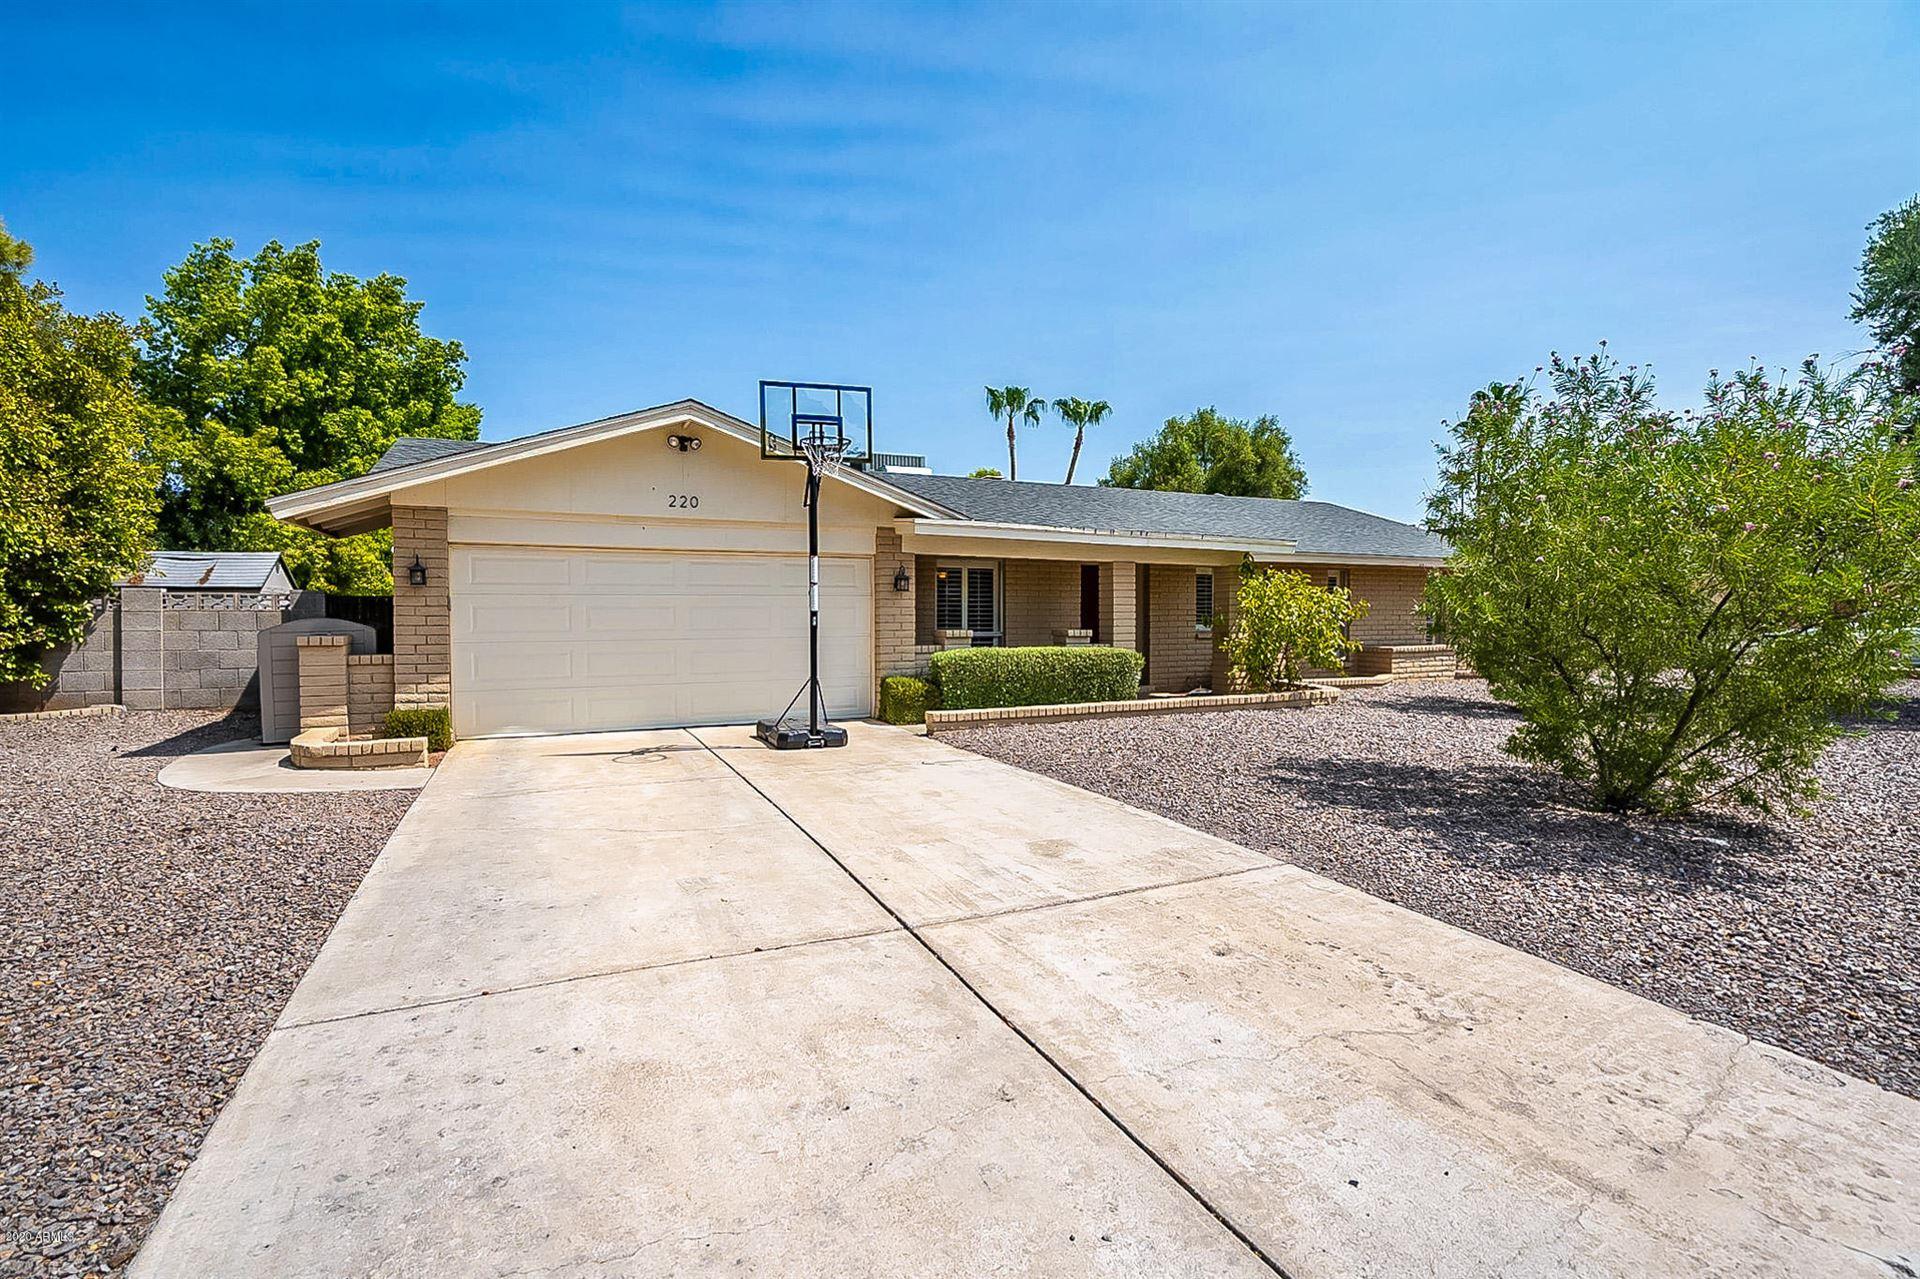 220 W WALTANN Lane, Phoenix, AZ 85023 - MLS#: 6112396